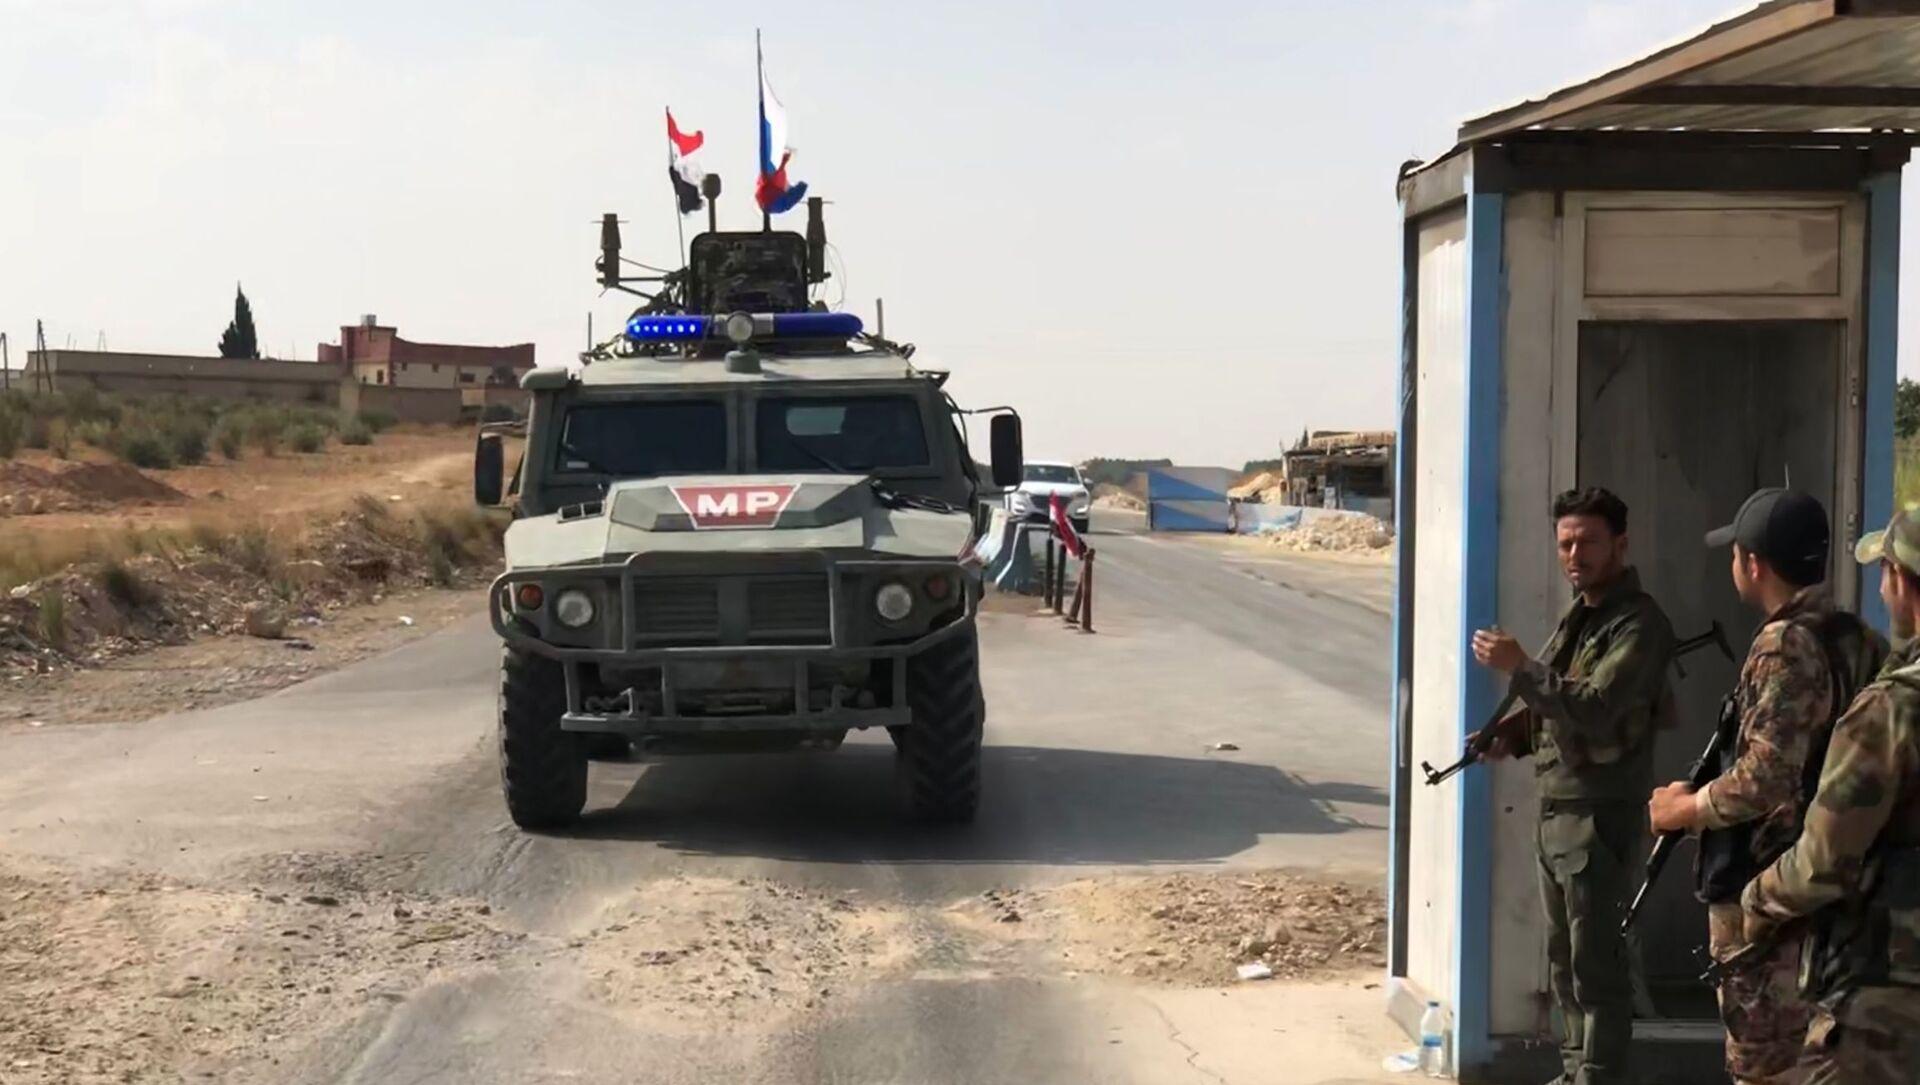 Xe bọc thép phục vụ tuần tra của cảnh sát quân sự Liên bang Nga tại khu vực Manbij ở đông bắc Syria - Sputnik Việt Nam, 1920, 10.06.2021